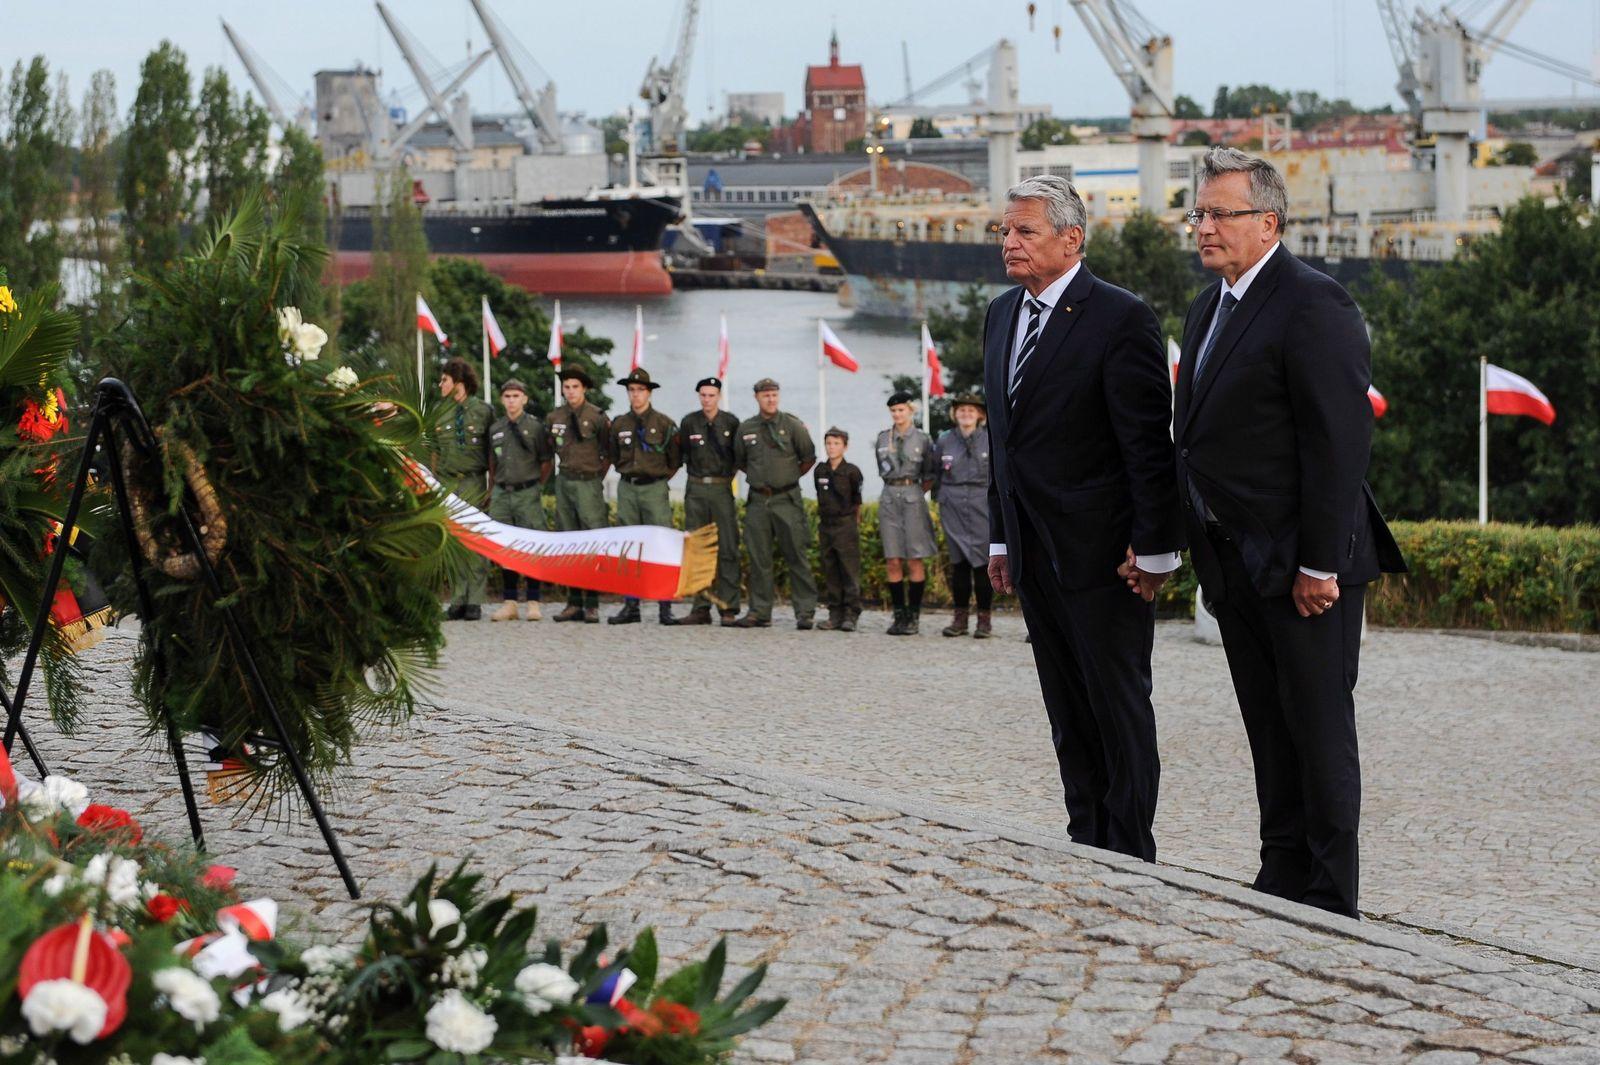 Joachim Gauck / Bronislaw Komorowski / Gedenkfeier Zweiter Weltkrieg